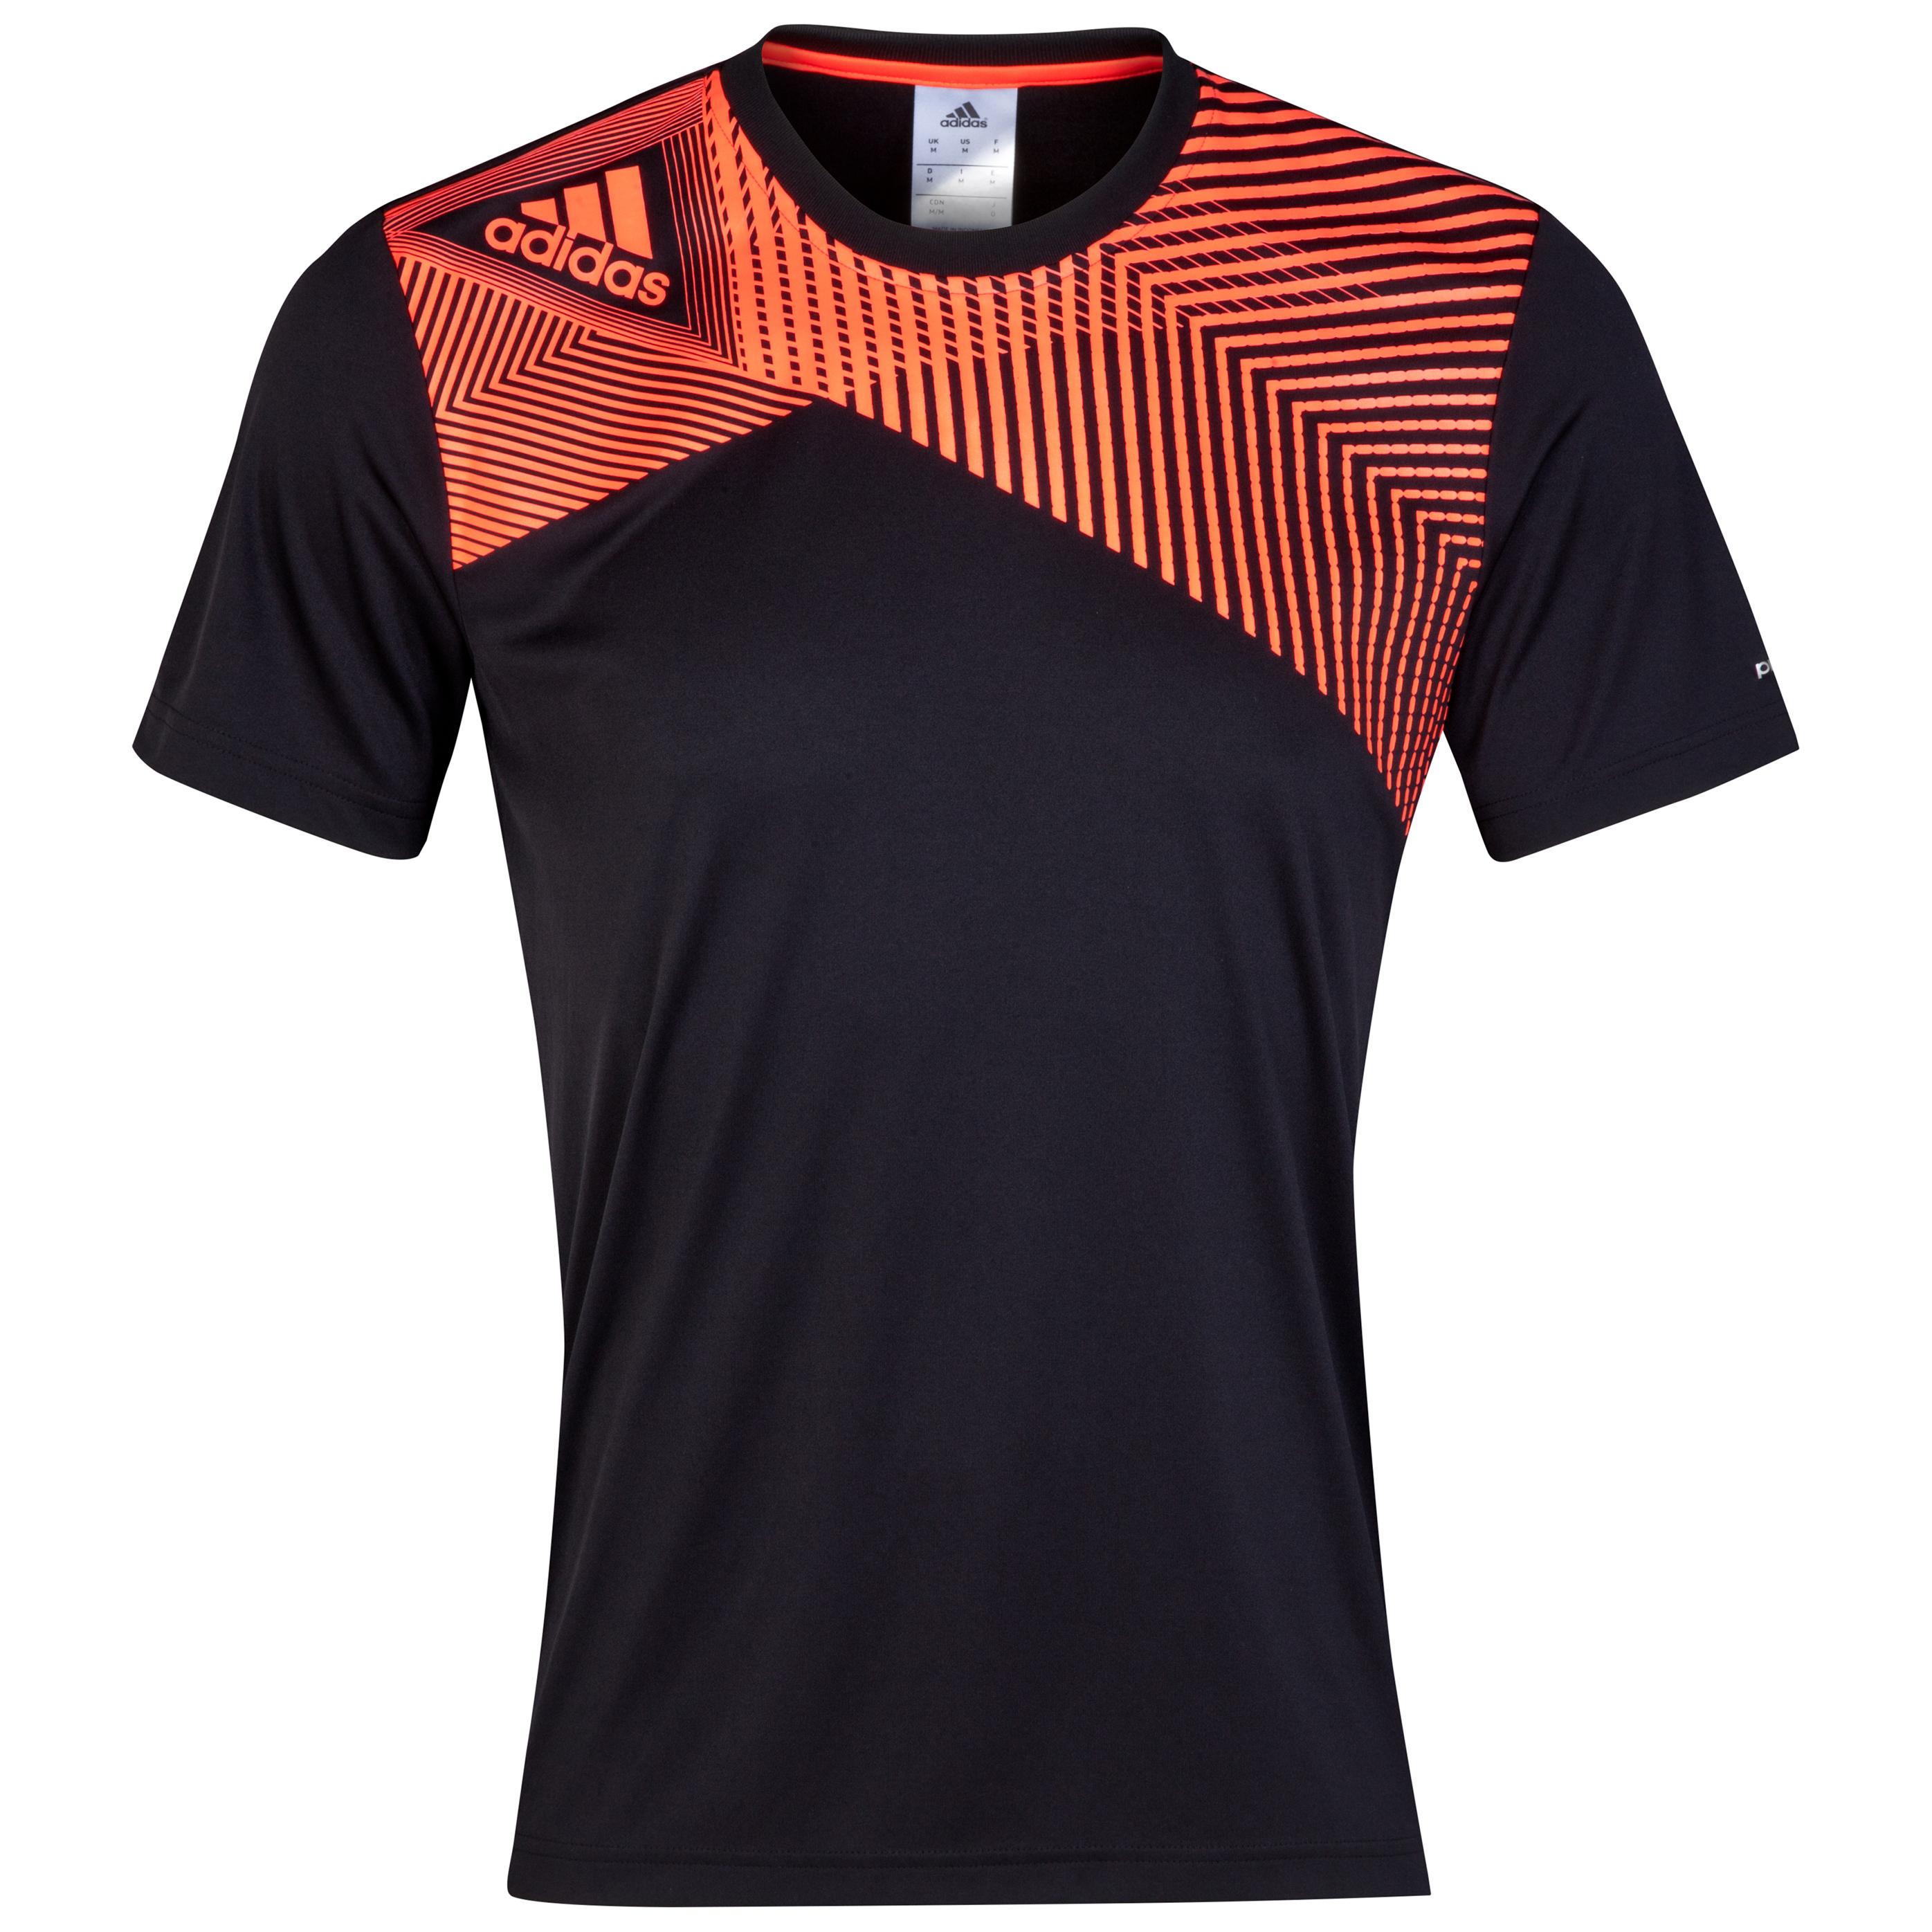 Adidas Predator Poly T-Shirt Black